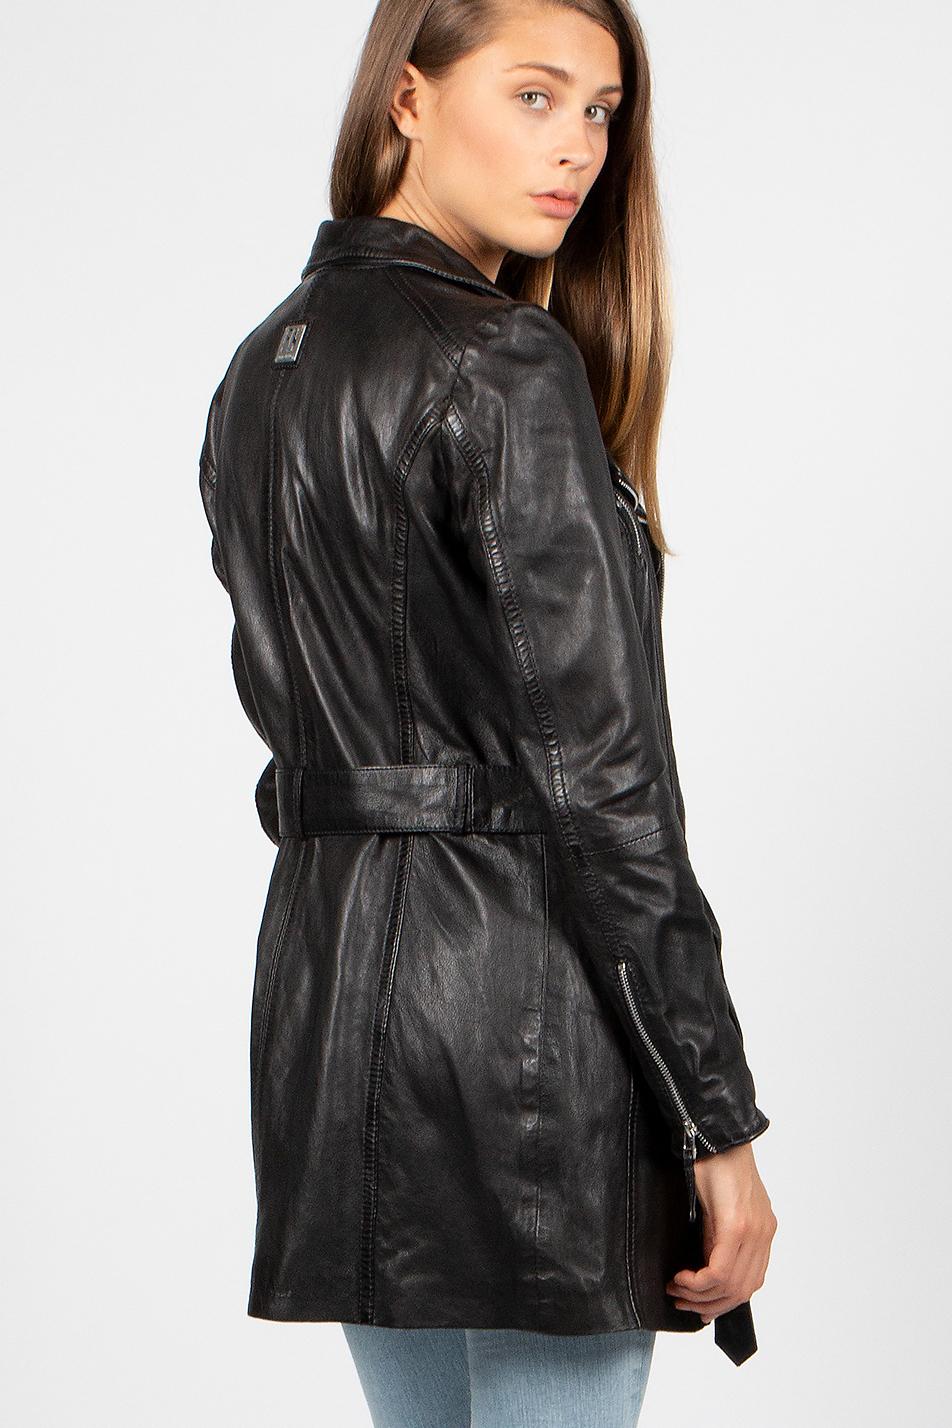 Freaky Nation Womens Coney Island Coat